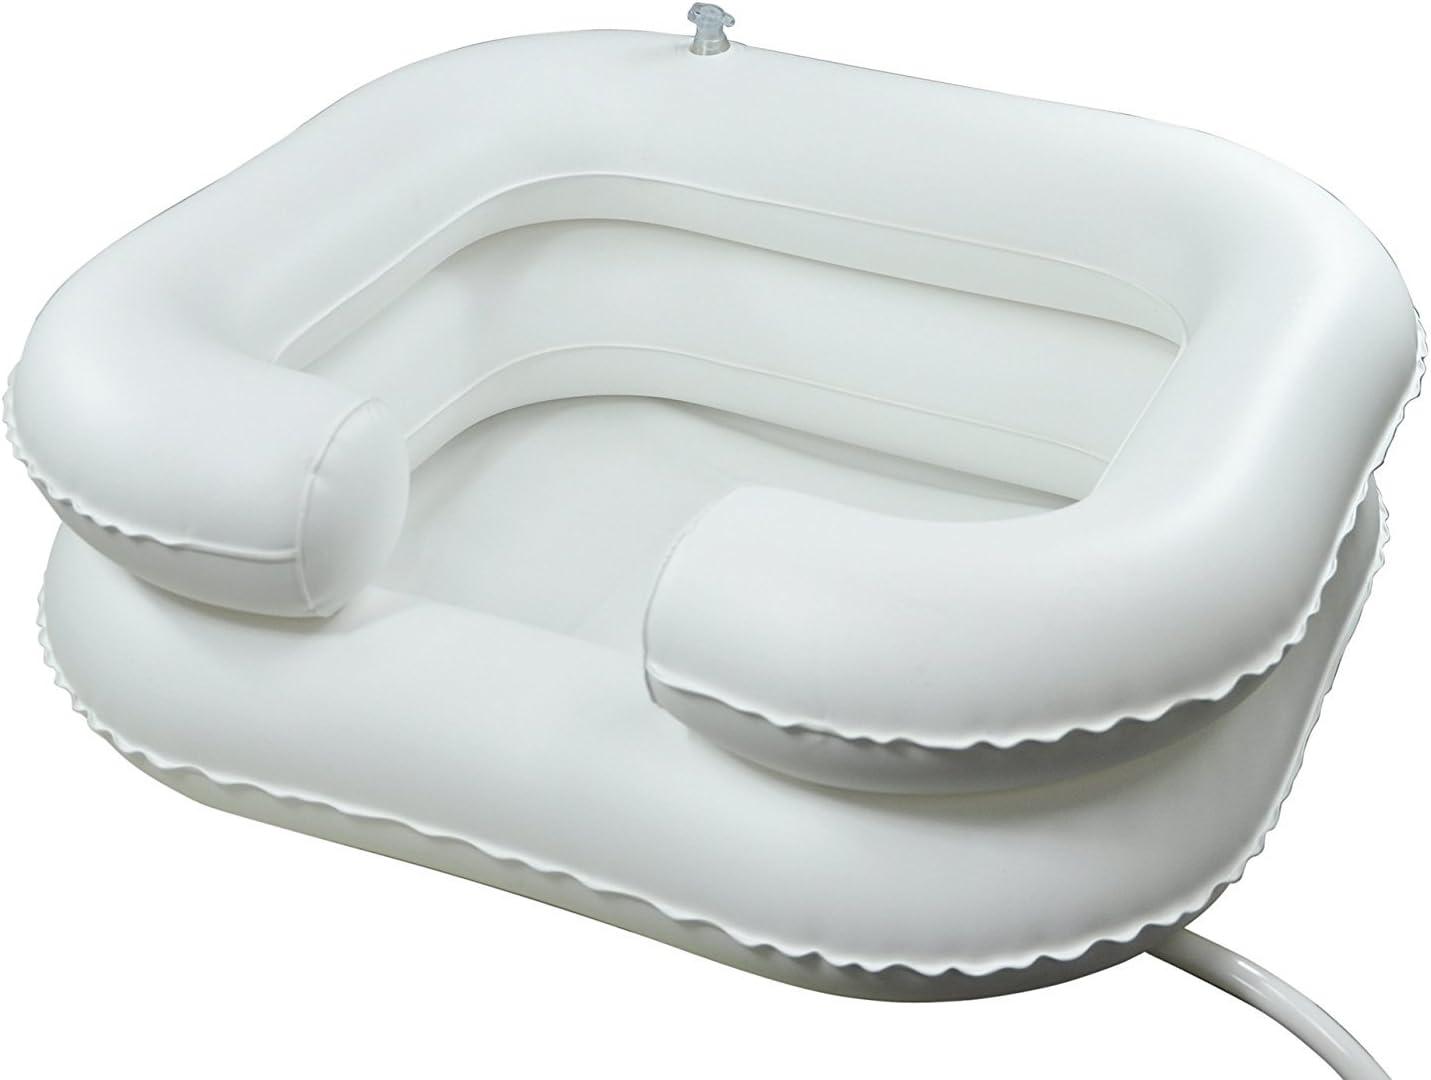 Champú hinchable para lavabo baño ayuda lavar el pelo en la cama